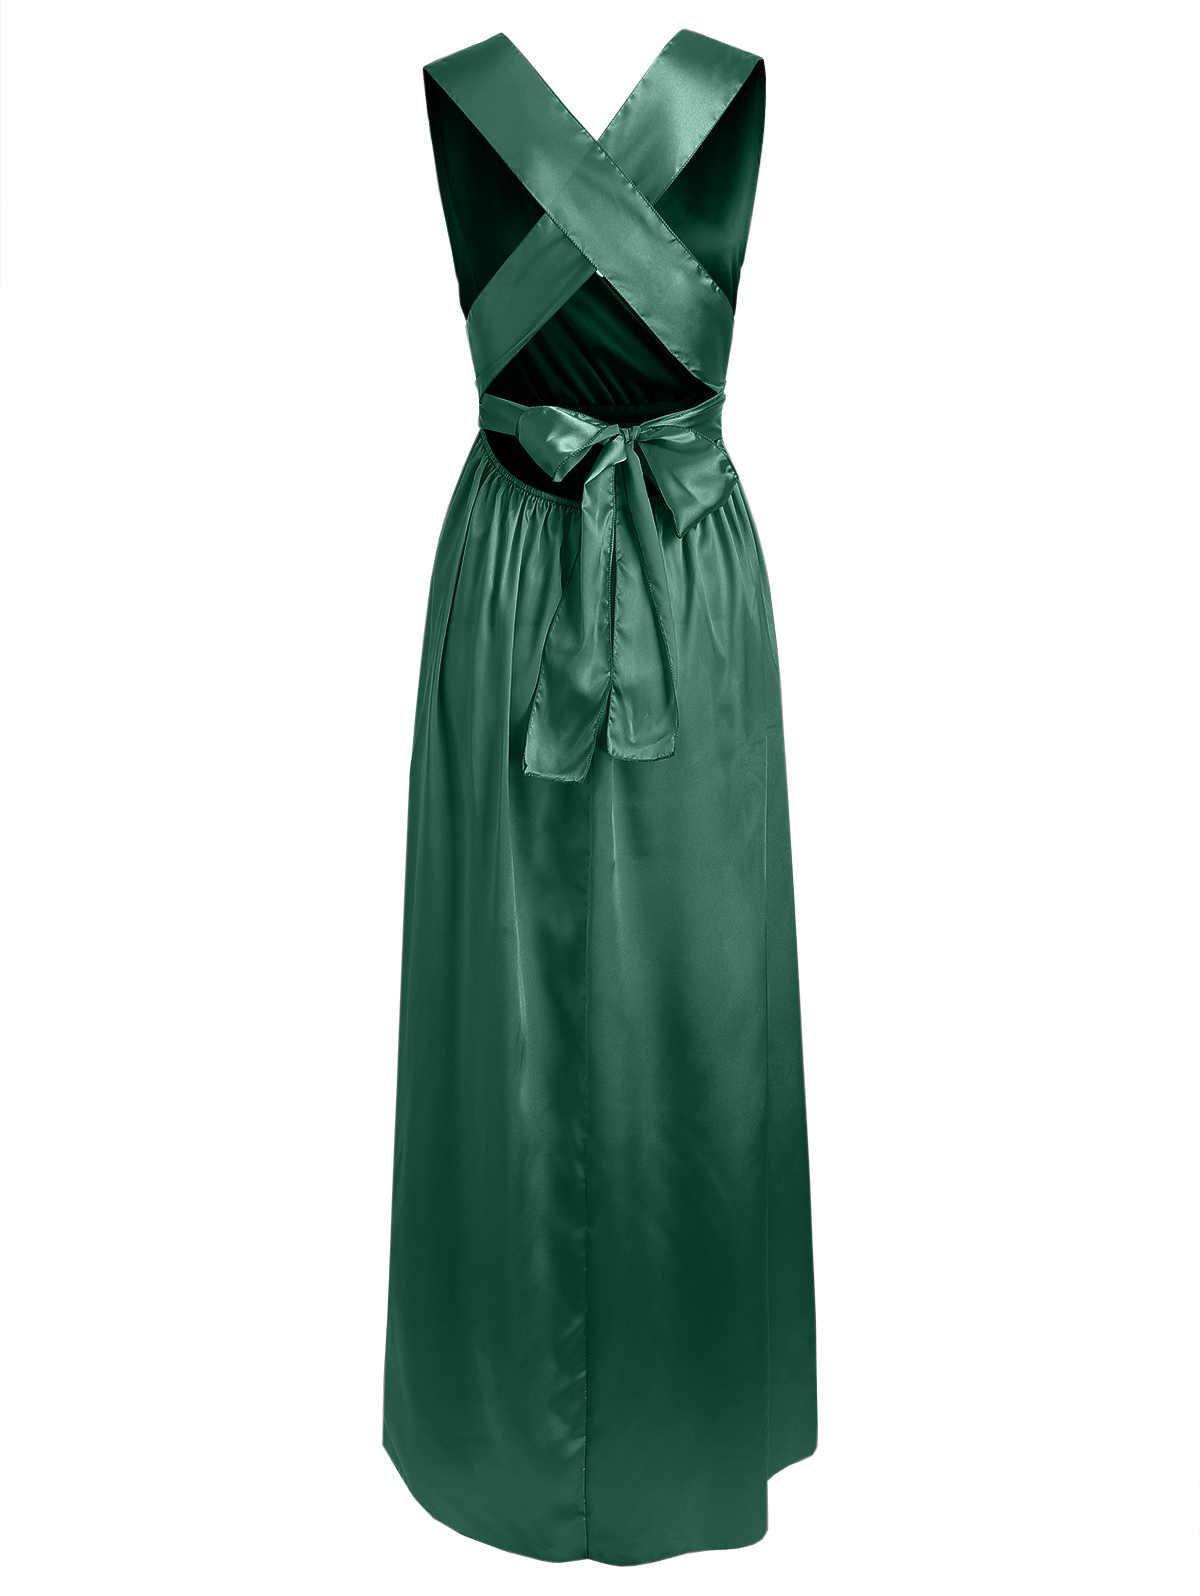 Kenancy kobiety Maxi sukienka nowości elegancka jedwabista seksowna głębokie V Wrap Party Vestidos De Festa zielony kolor formalne długie kobiety sukienka